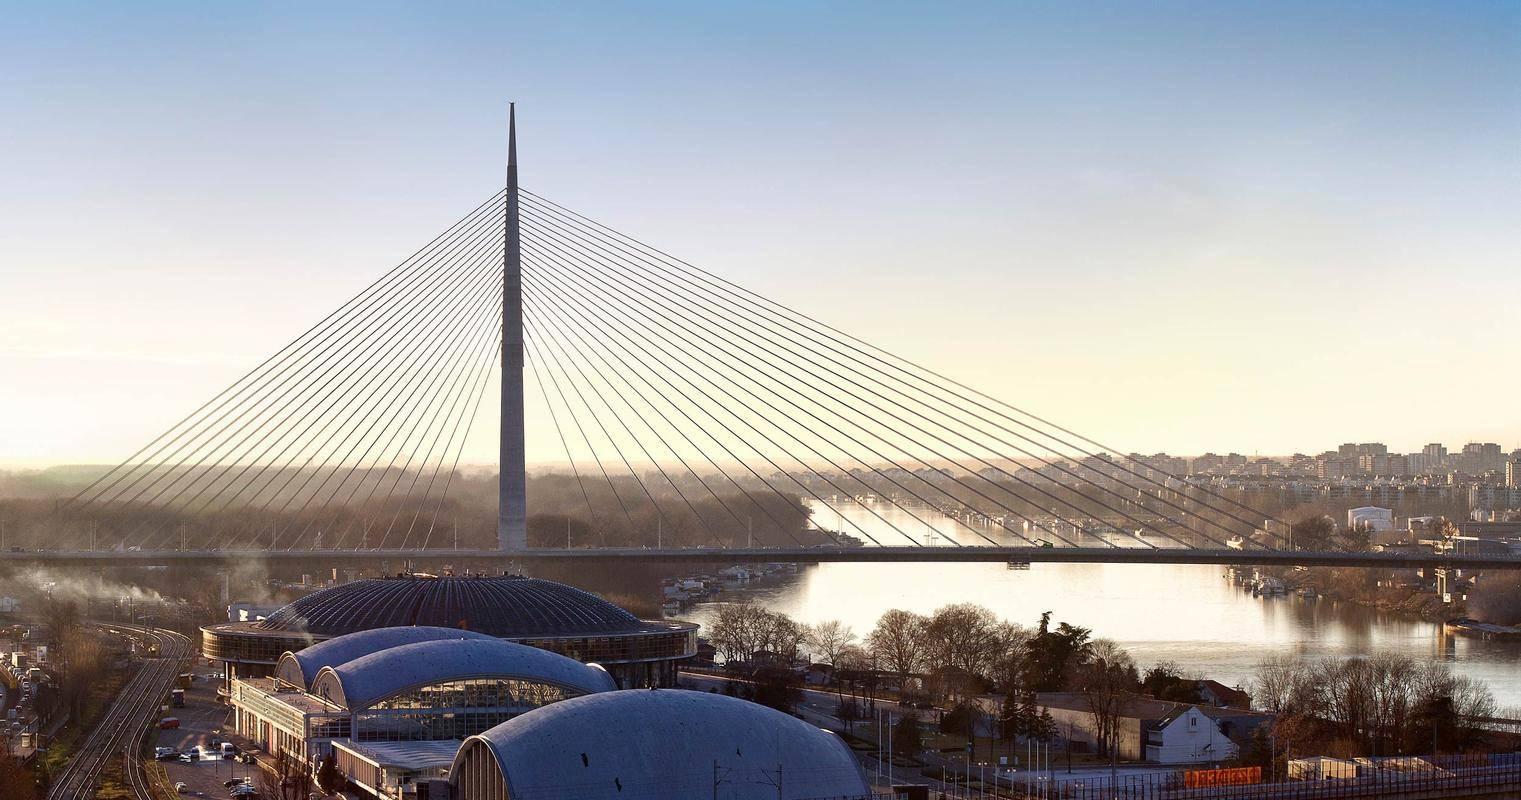 Projektanta impozantnega in večkrat nagrajenega mosta čez Savo v Beogradu – Ada sta gradbeni inženir Viktor Markelj in arhitekt Peter Gabrijelčič. Most je bil dokončan leta 2012, med drugim pa je bil prikazan tudi v dokumentarni seriji Build To Bigger (Discovery Channel). Foto: Predrag Mladenović